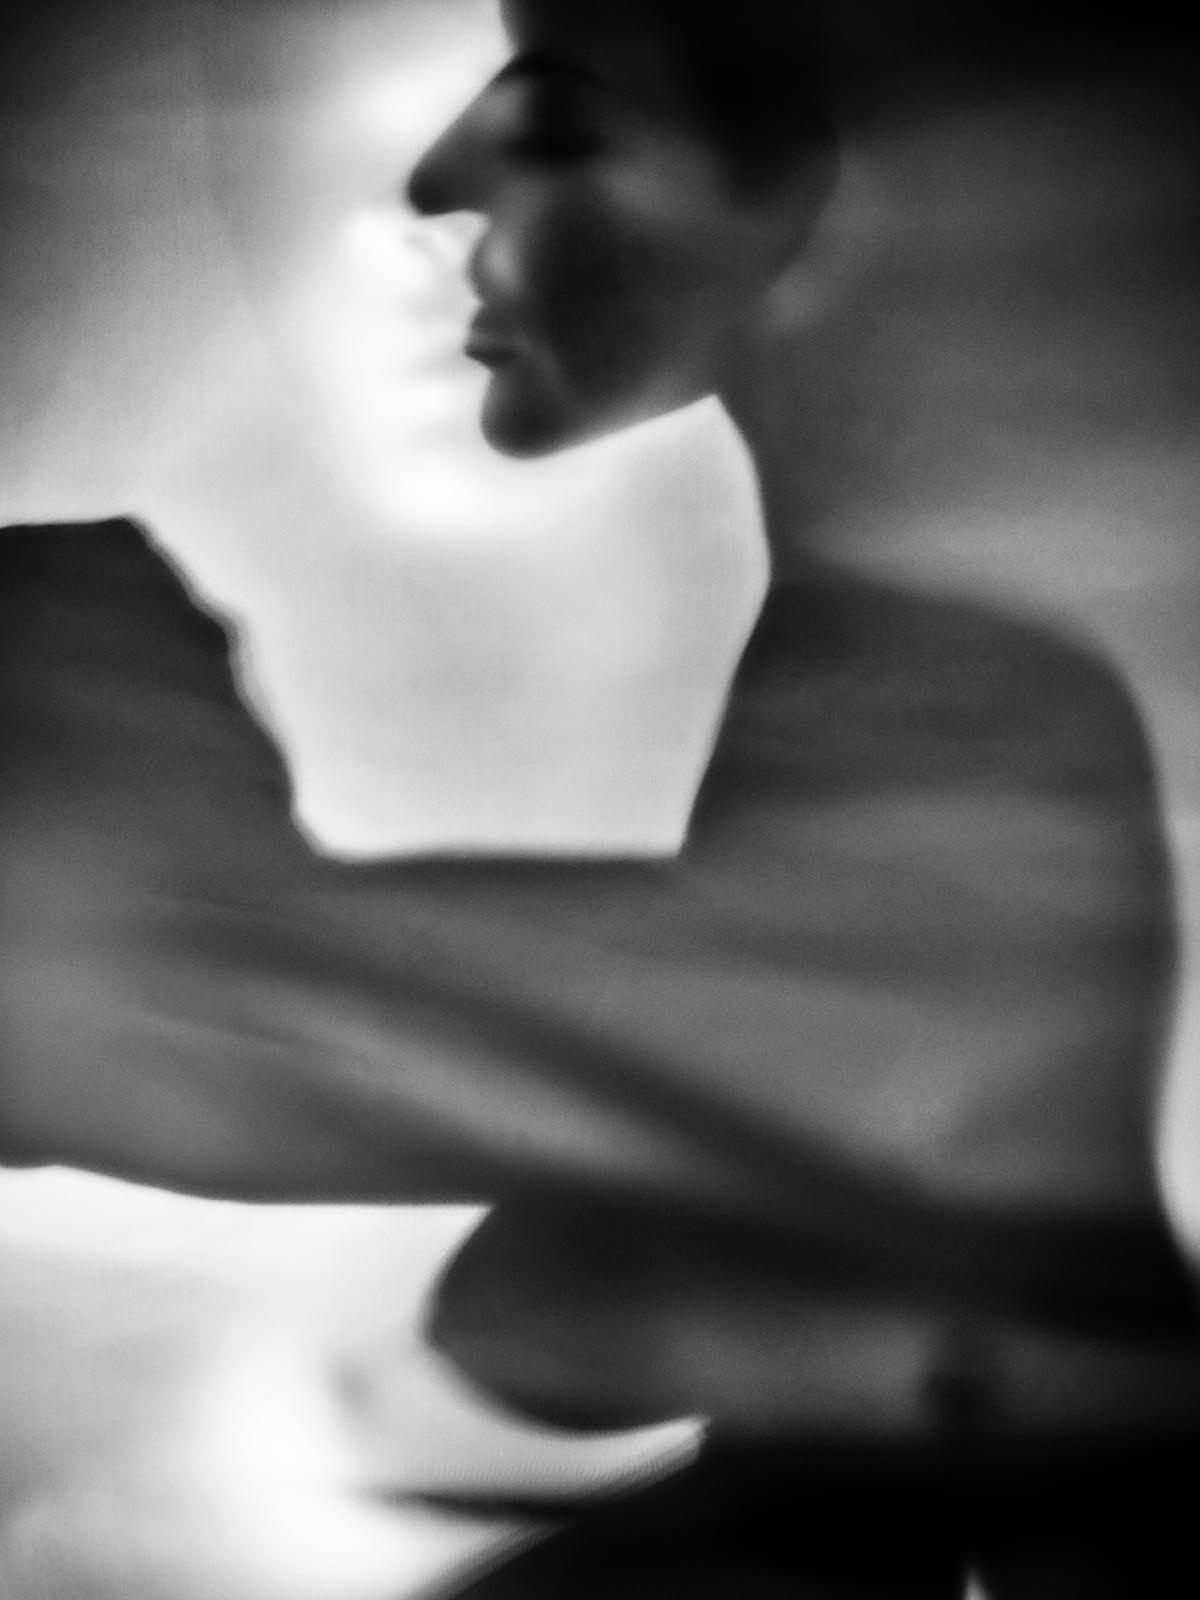 Carli Hermès, Distortion - Edge